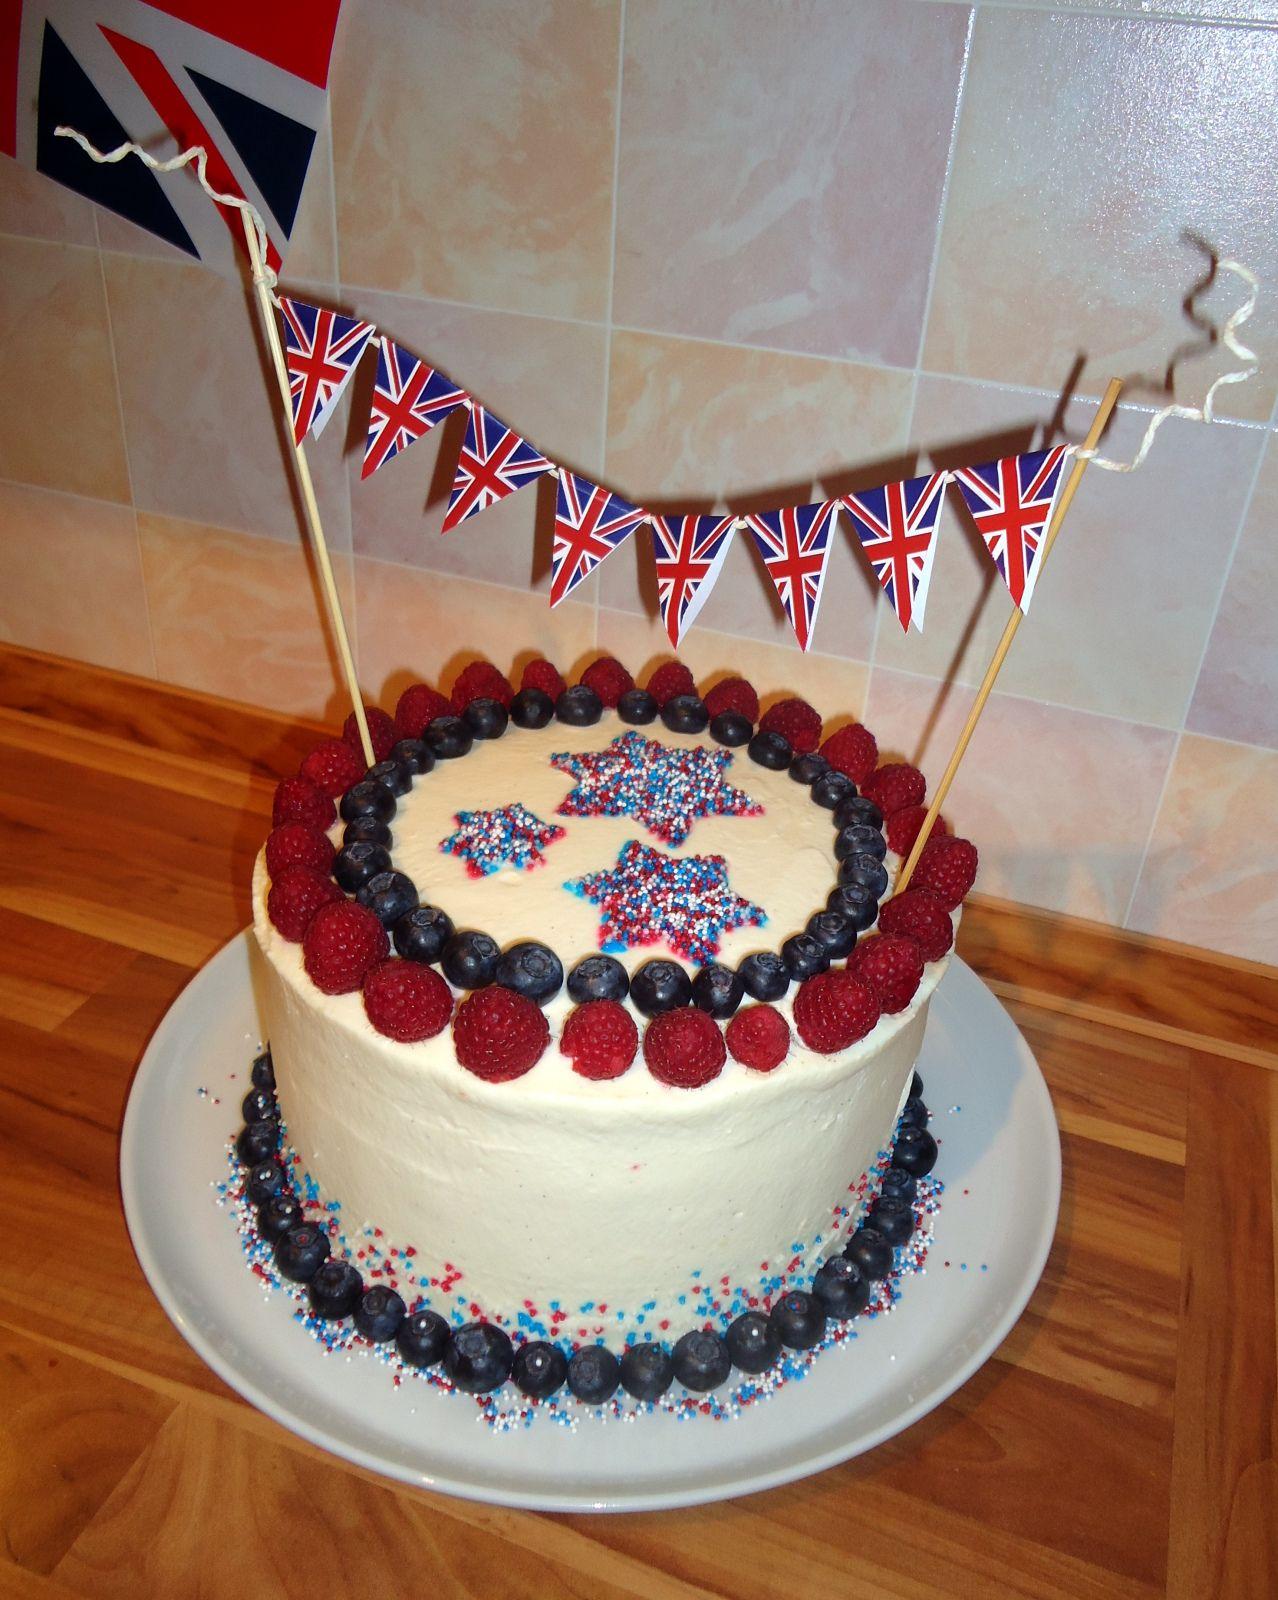 Tassenkuchen Bäckerei Royal Layer Cake Torten Girlanden DIY mit Freebie